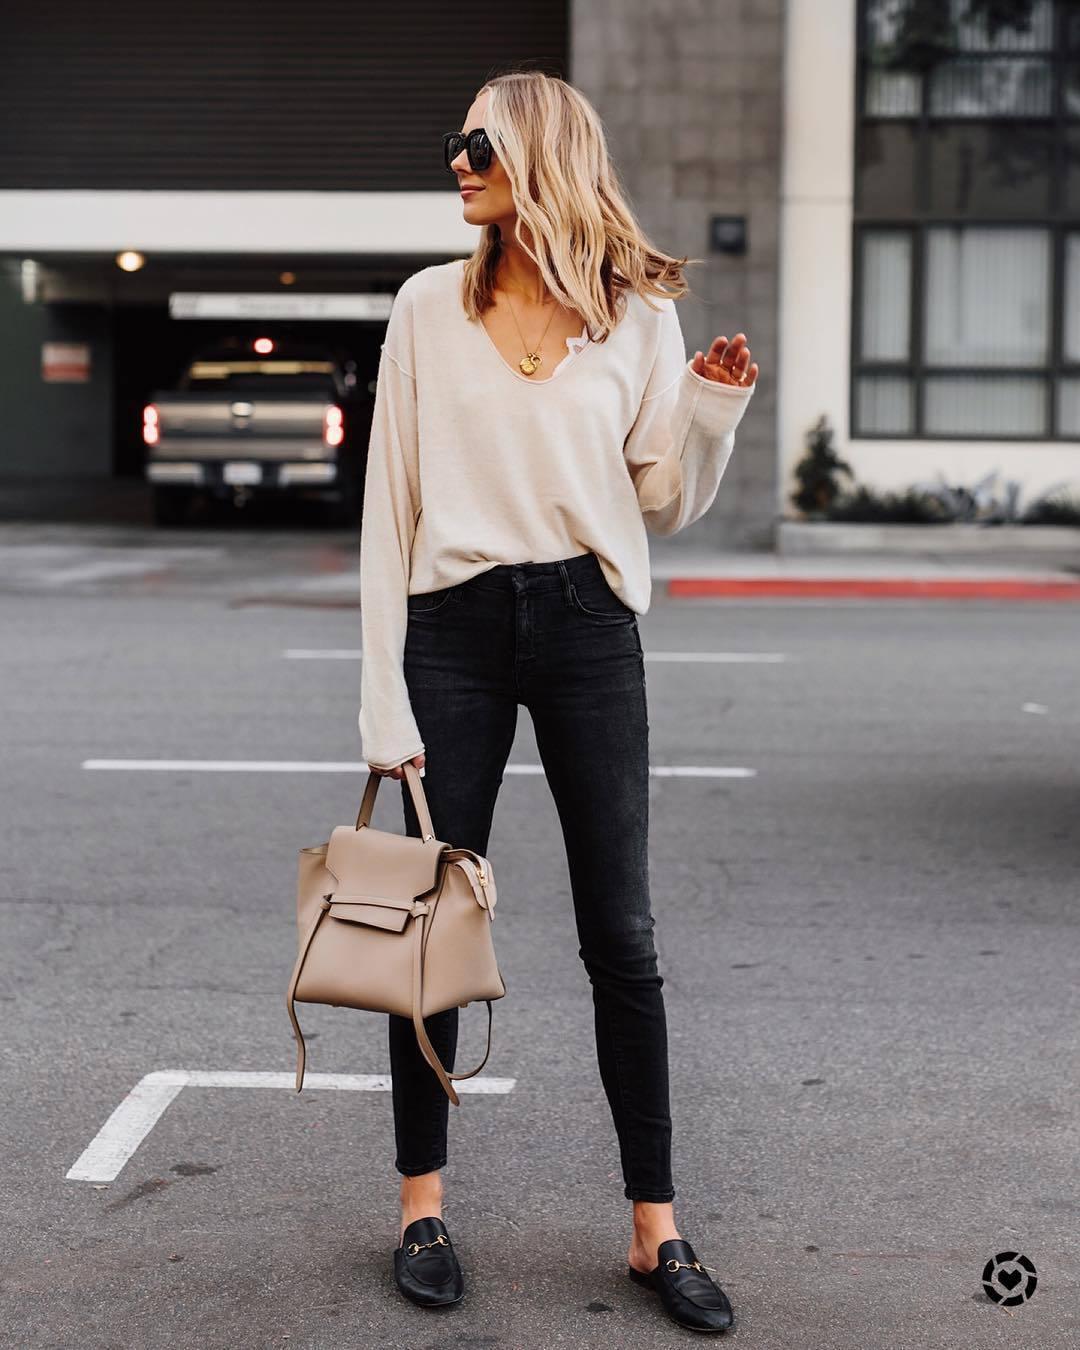 sweater cashmere jumper v neck bralette black loafers mules black skinny jeans bag